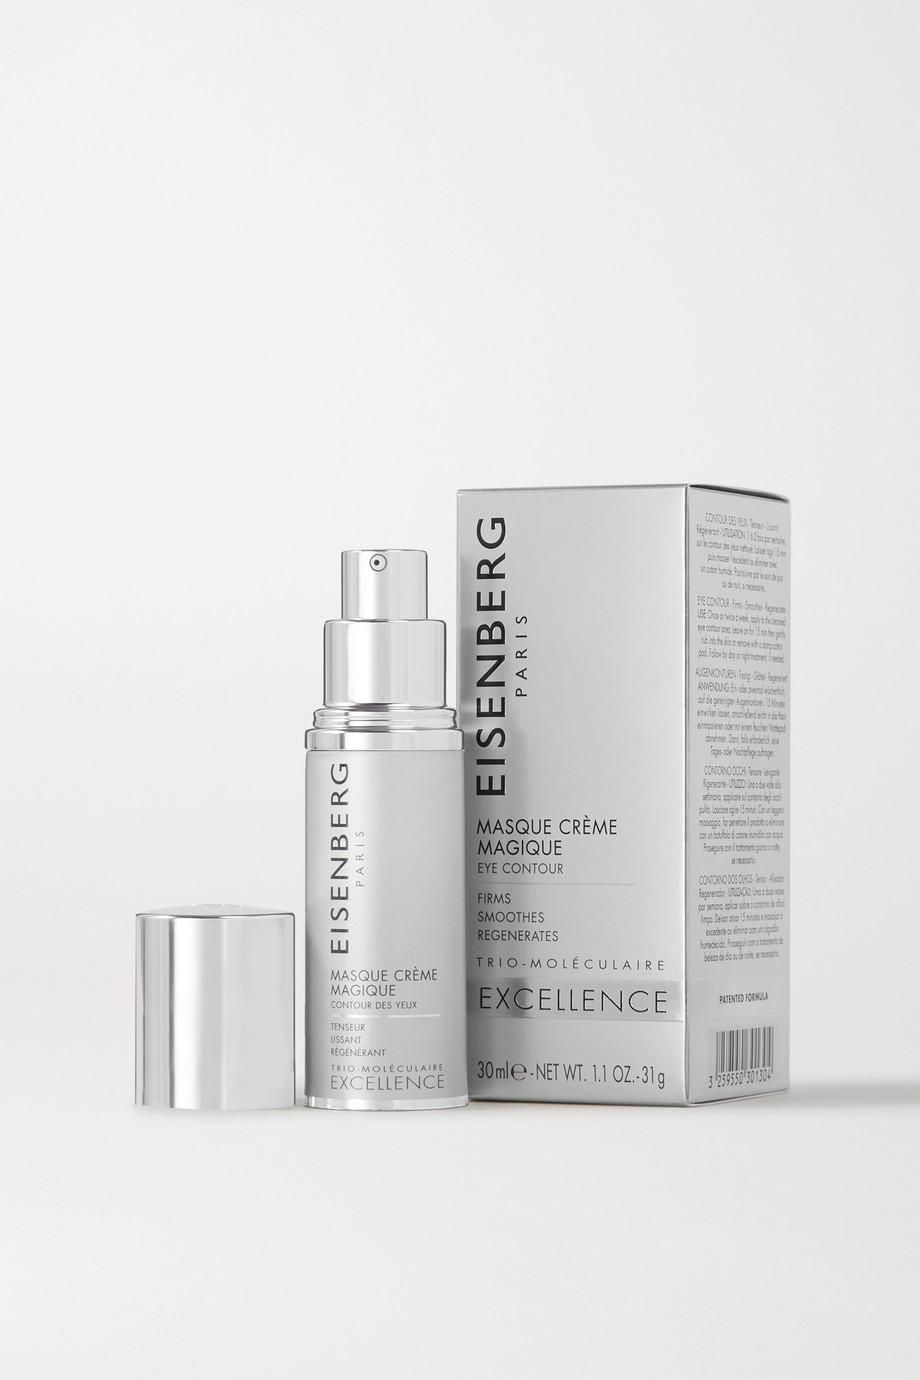 EISENBERG Paris Excellence Masque Crème Magique – Eye Contour, 30 ml – Augencreme